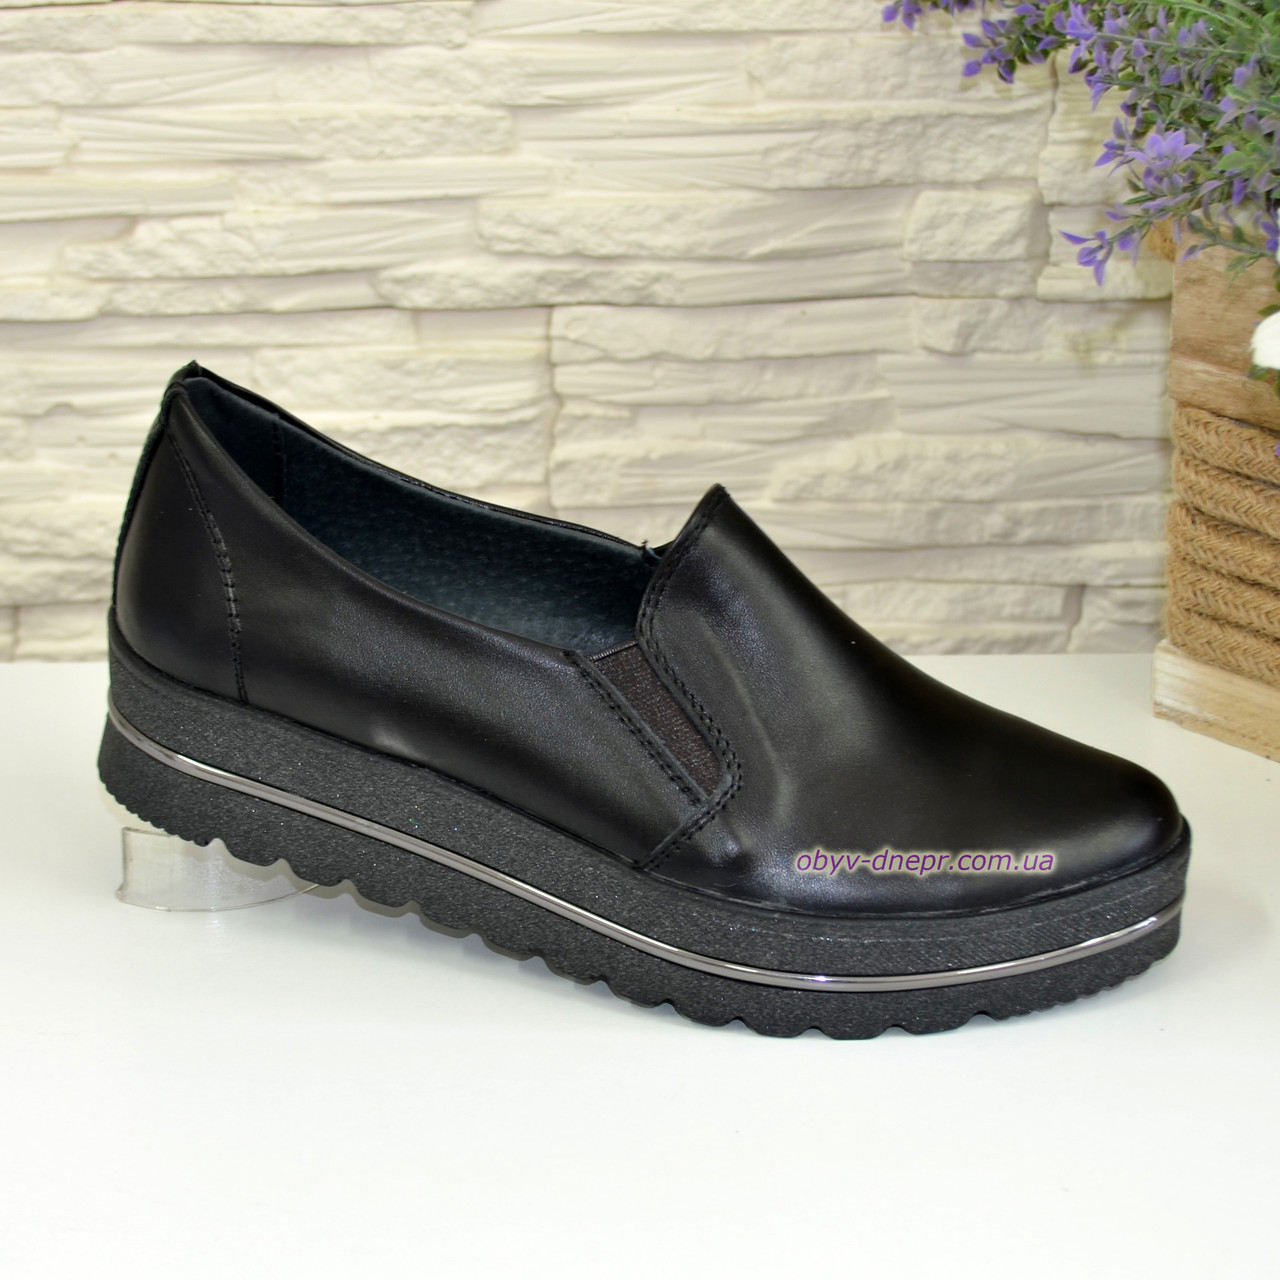 Туфли кожаные женские на утолщенной подошве, цвет черный